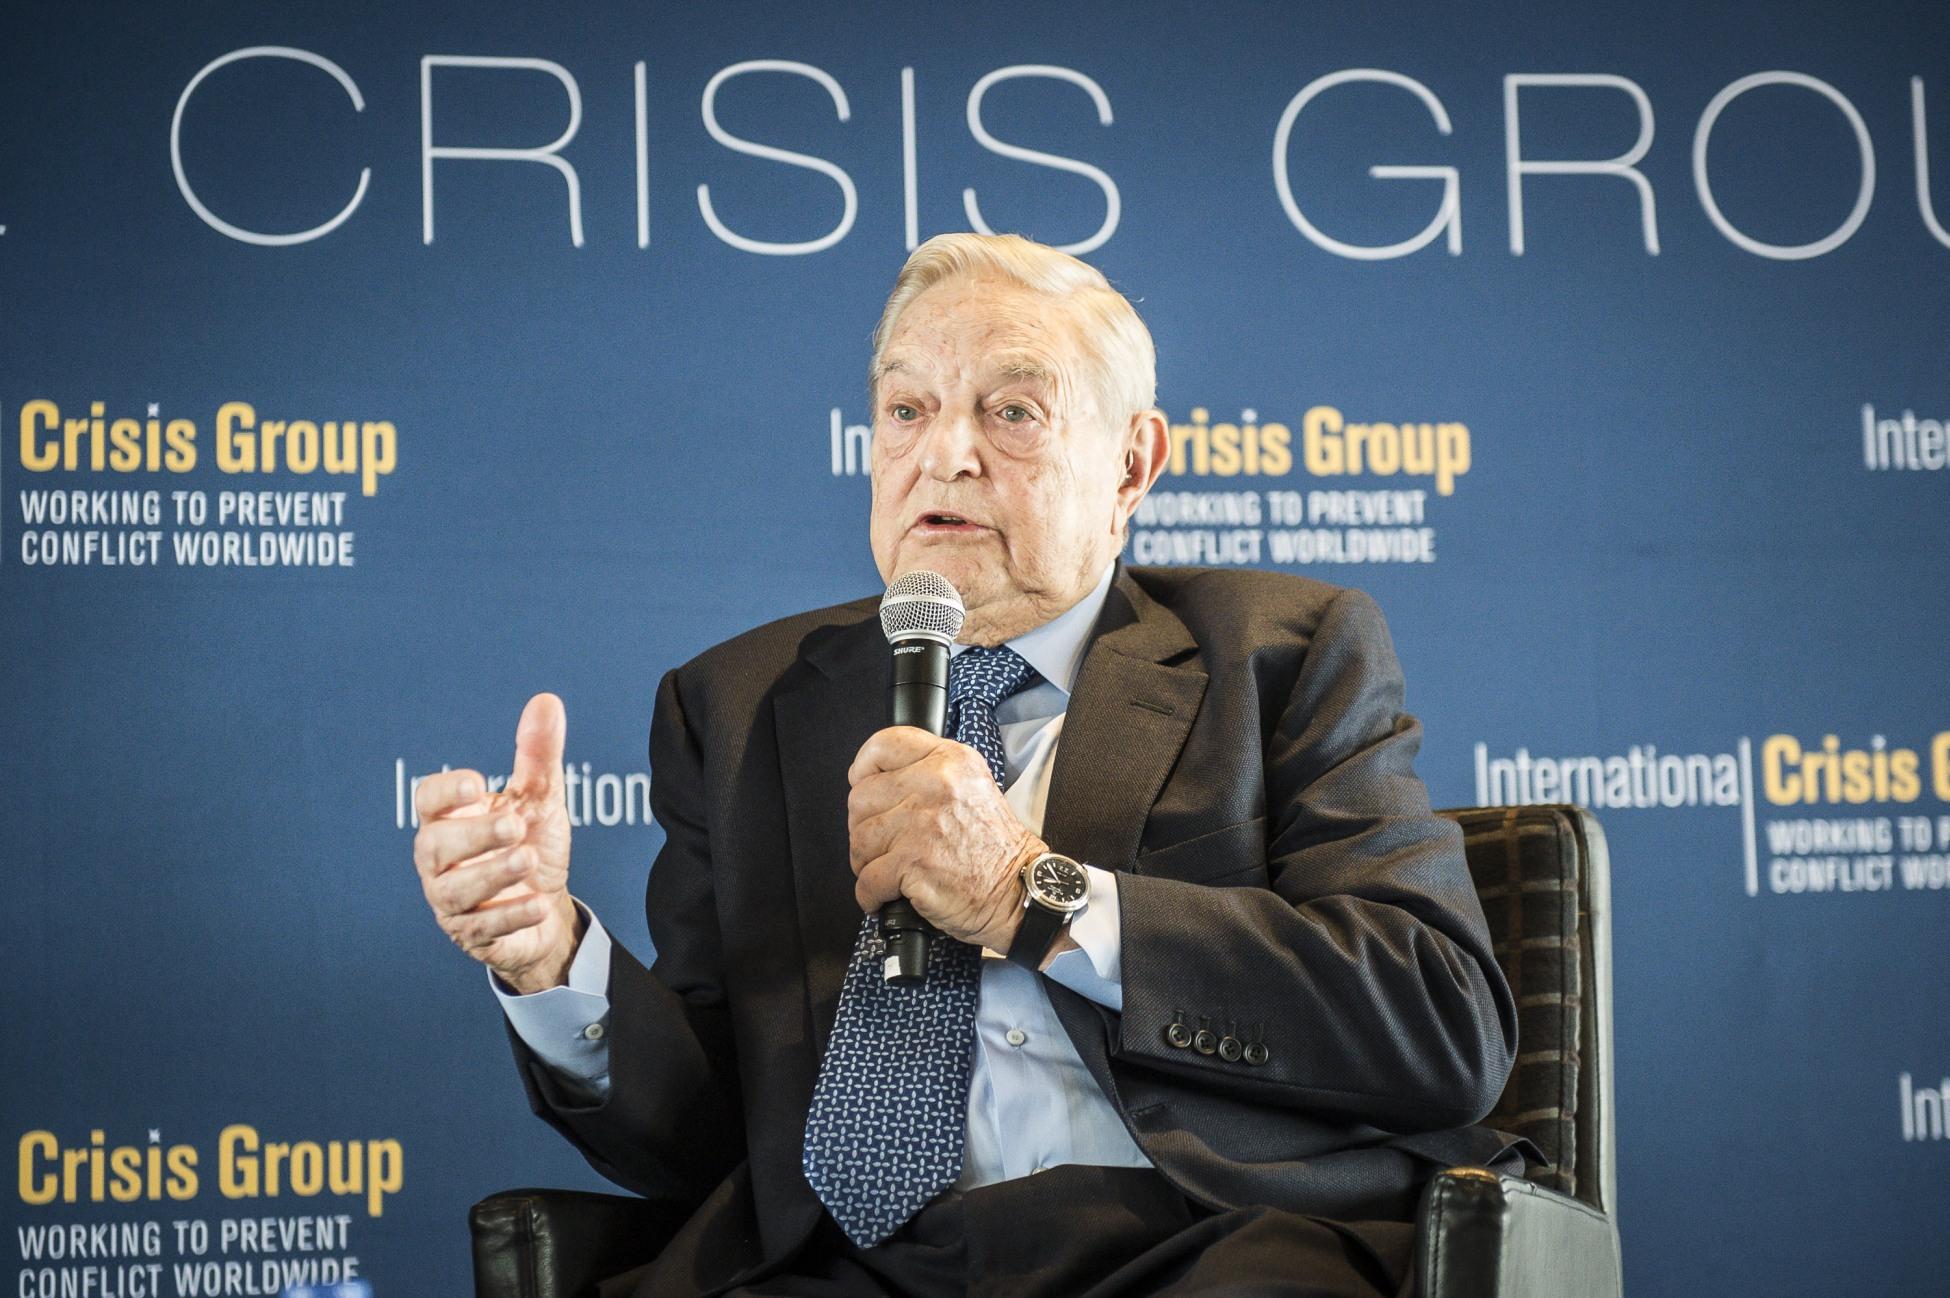 George Soros condamnă campania dusă de Guvernul Ungariei împotriva sa